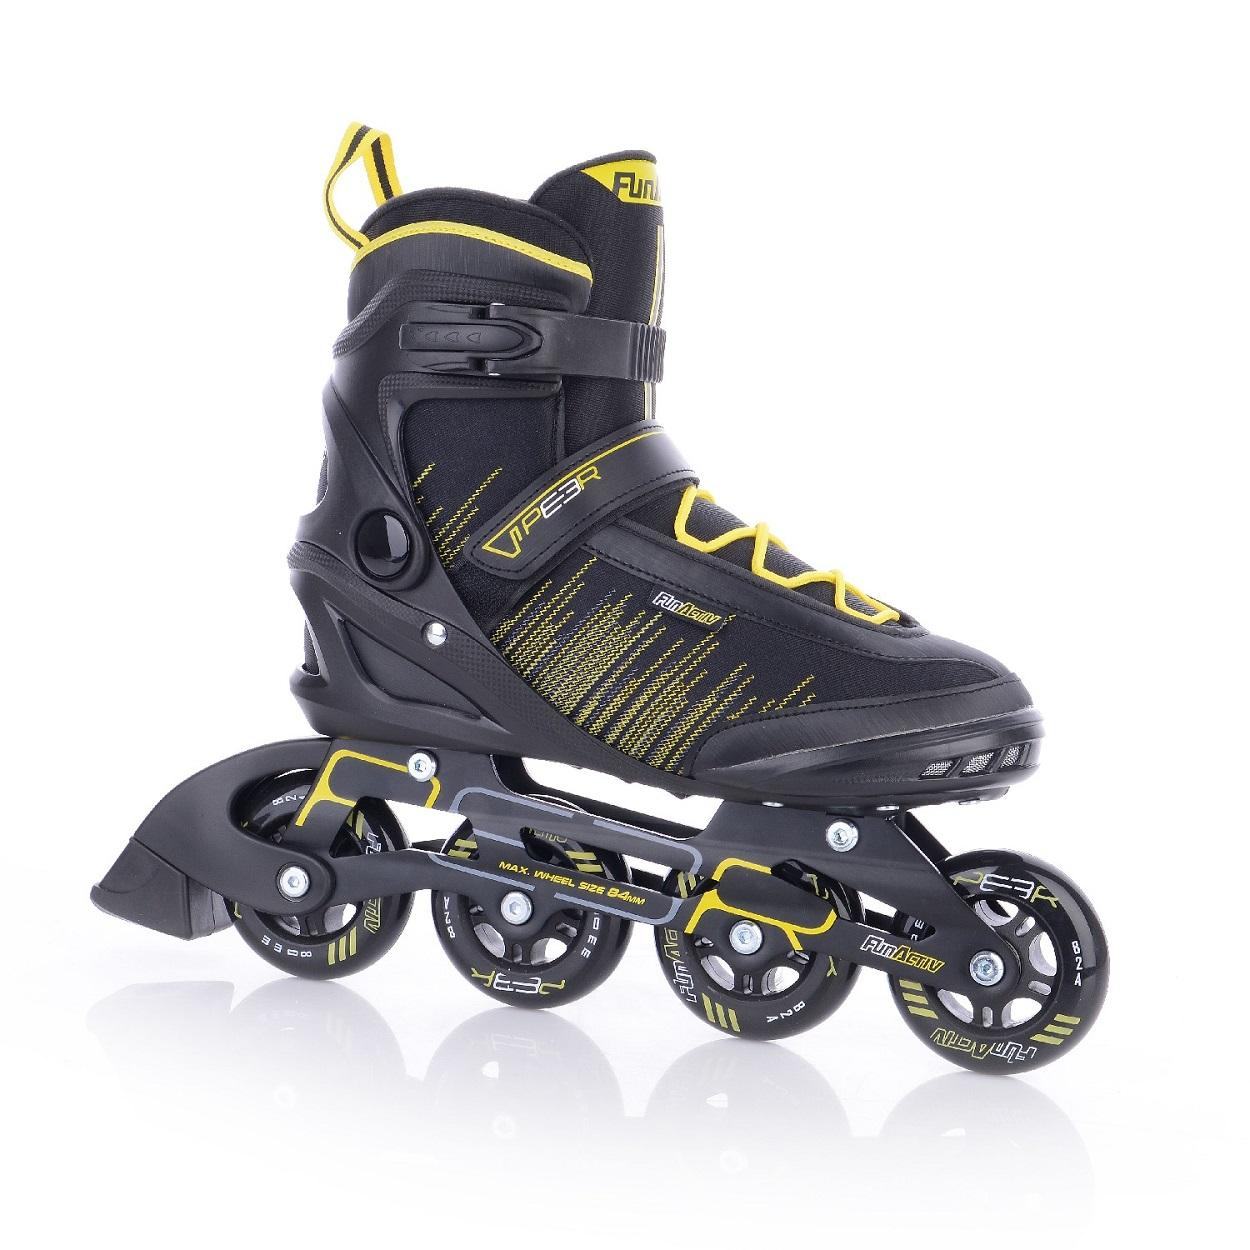 FunActiv Peer III 80 inline skates-skeelers